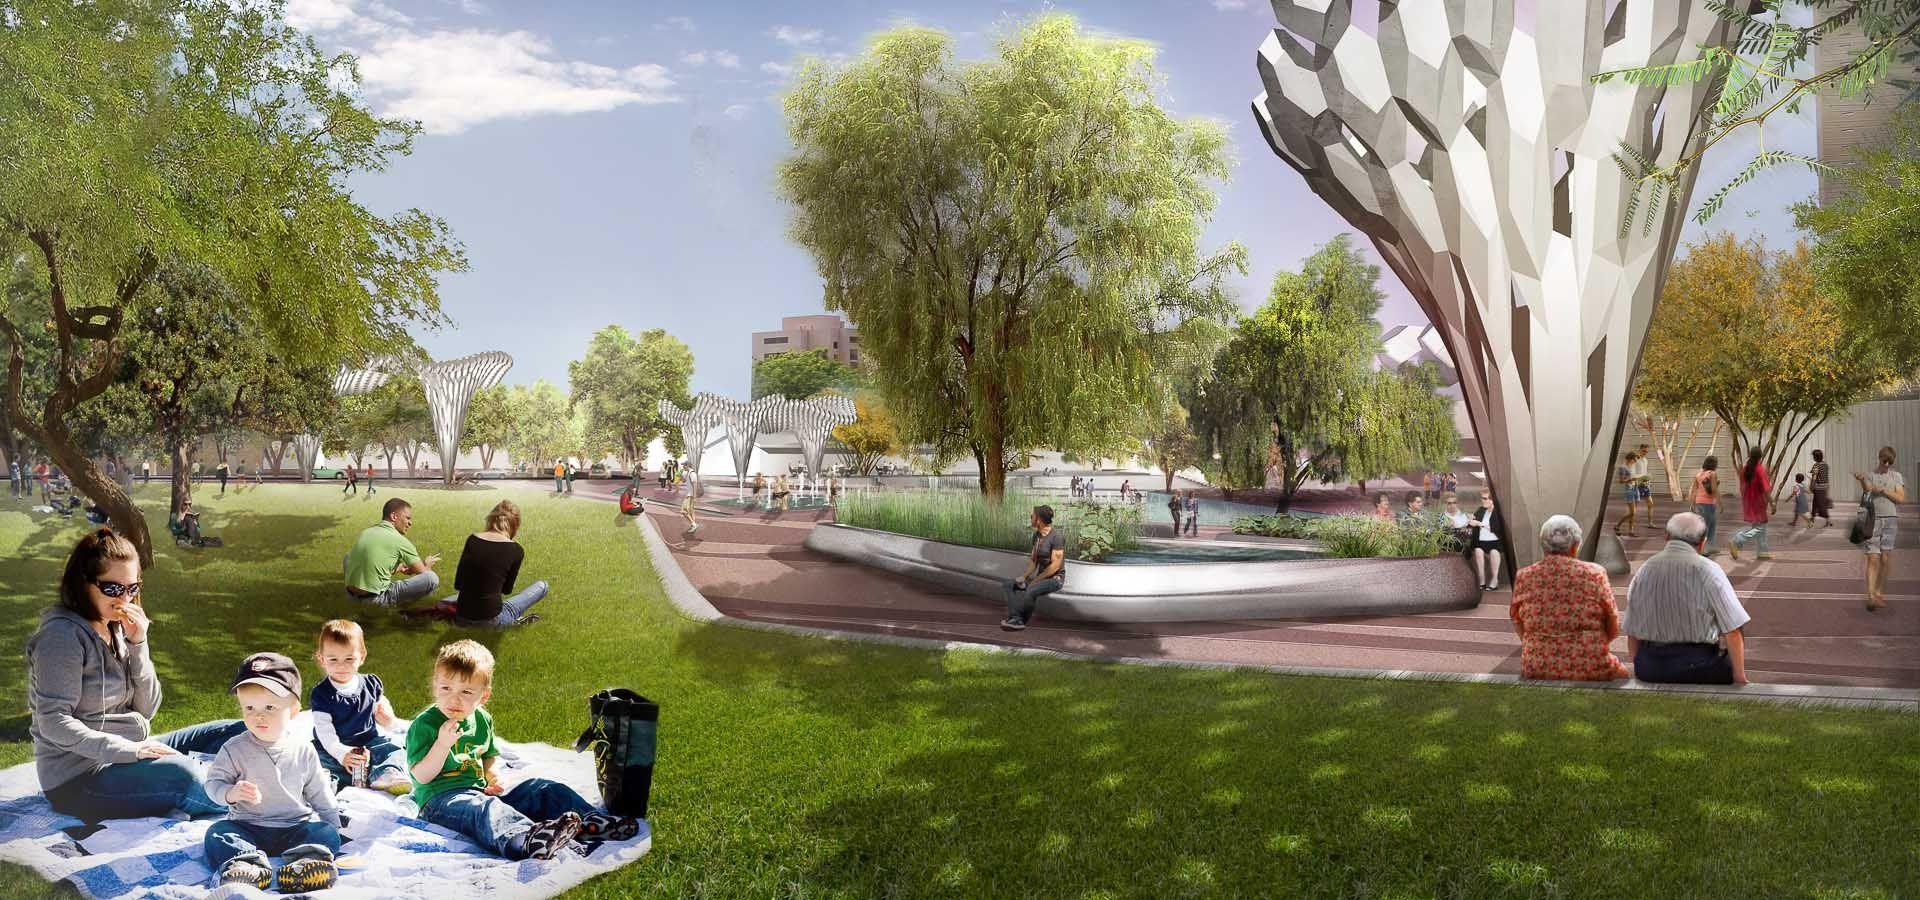 Design landscape architecture architecture planning for Park landscape design